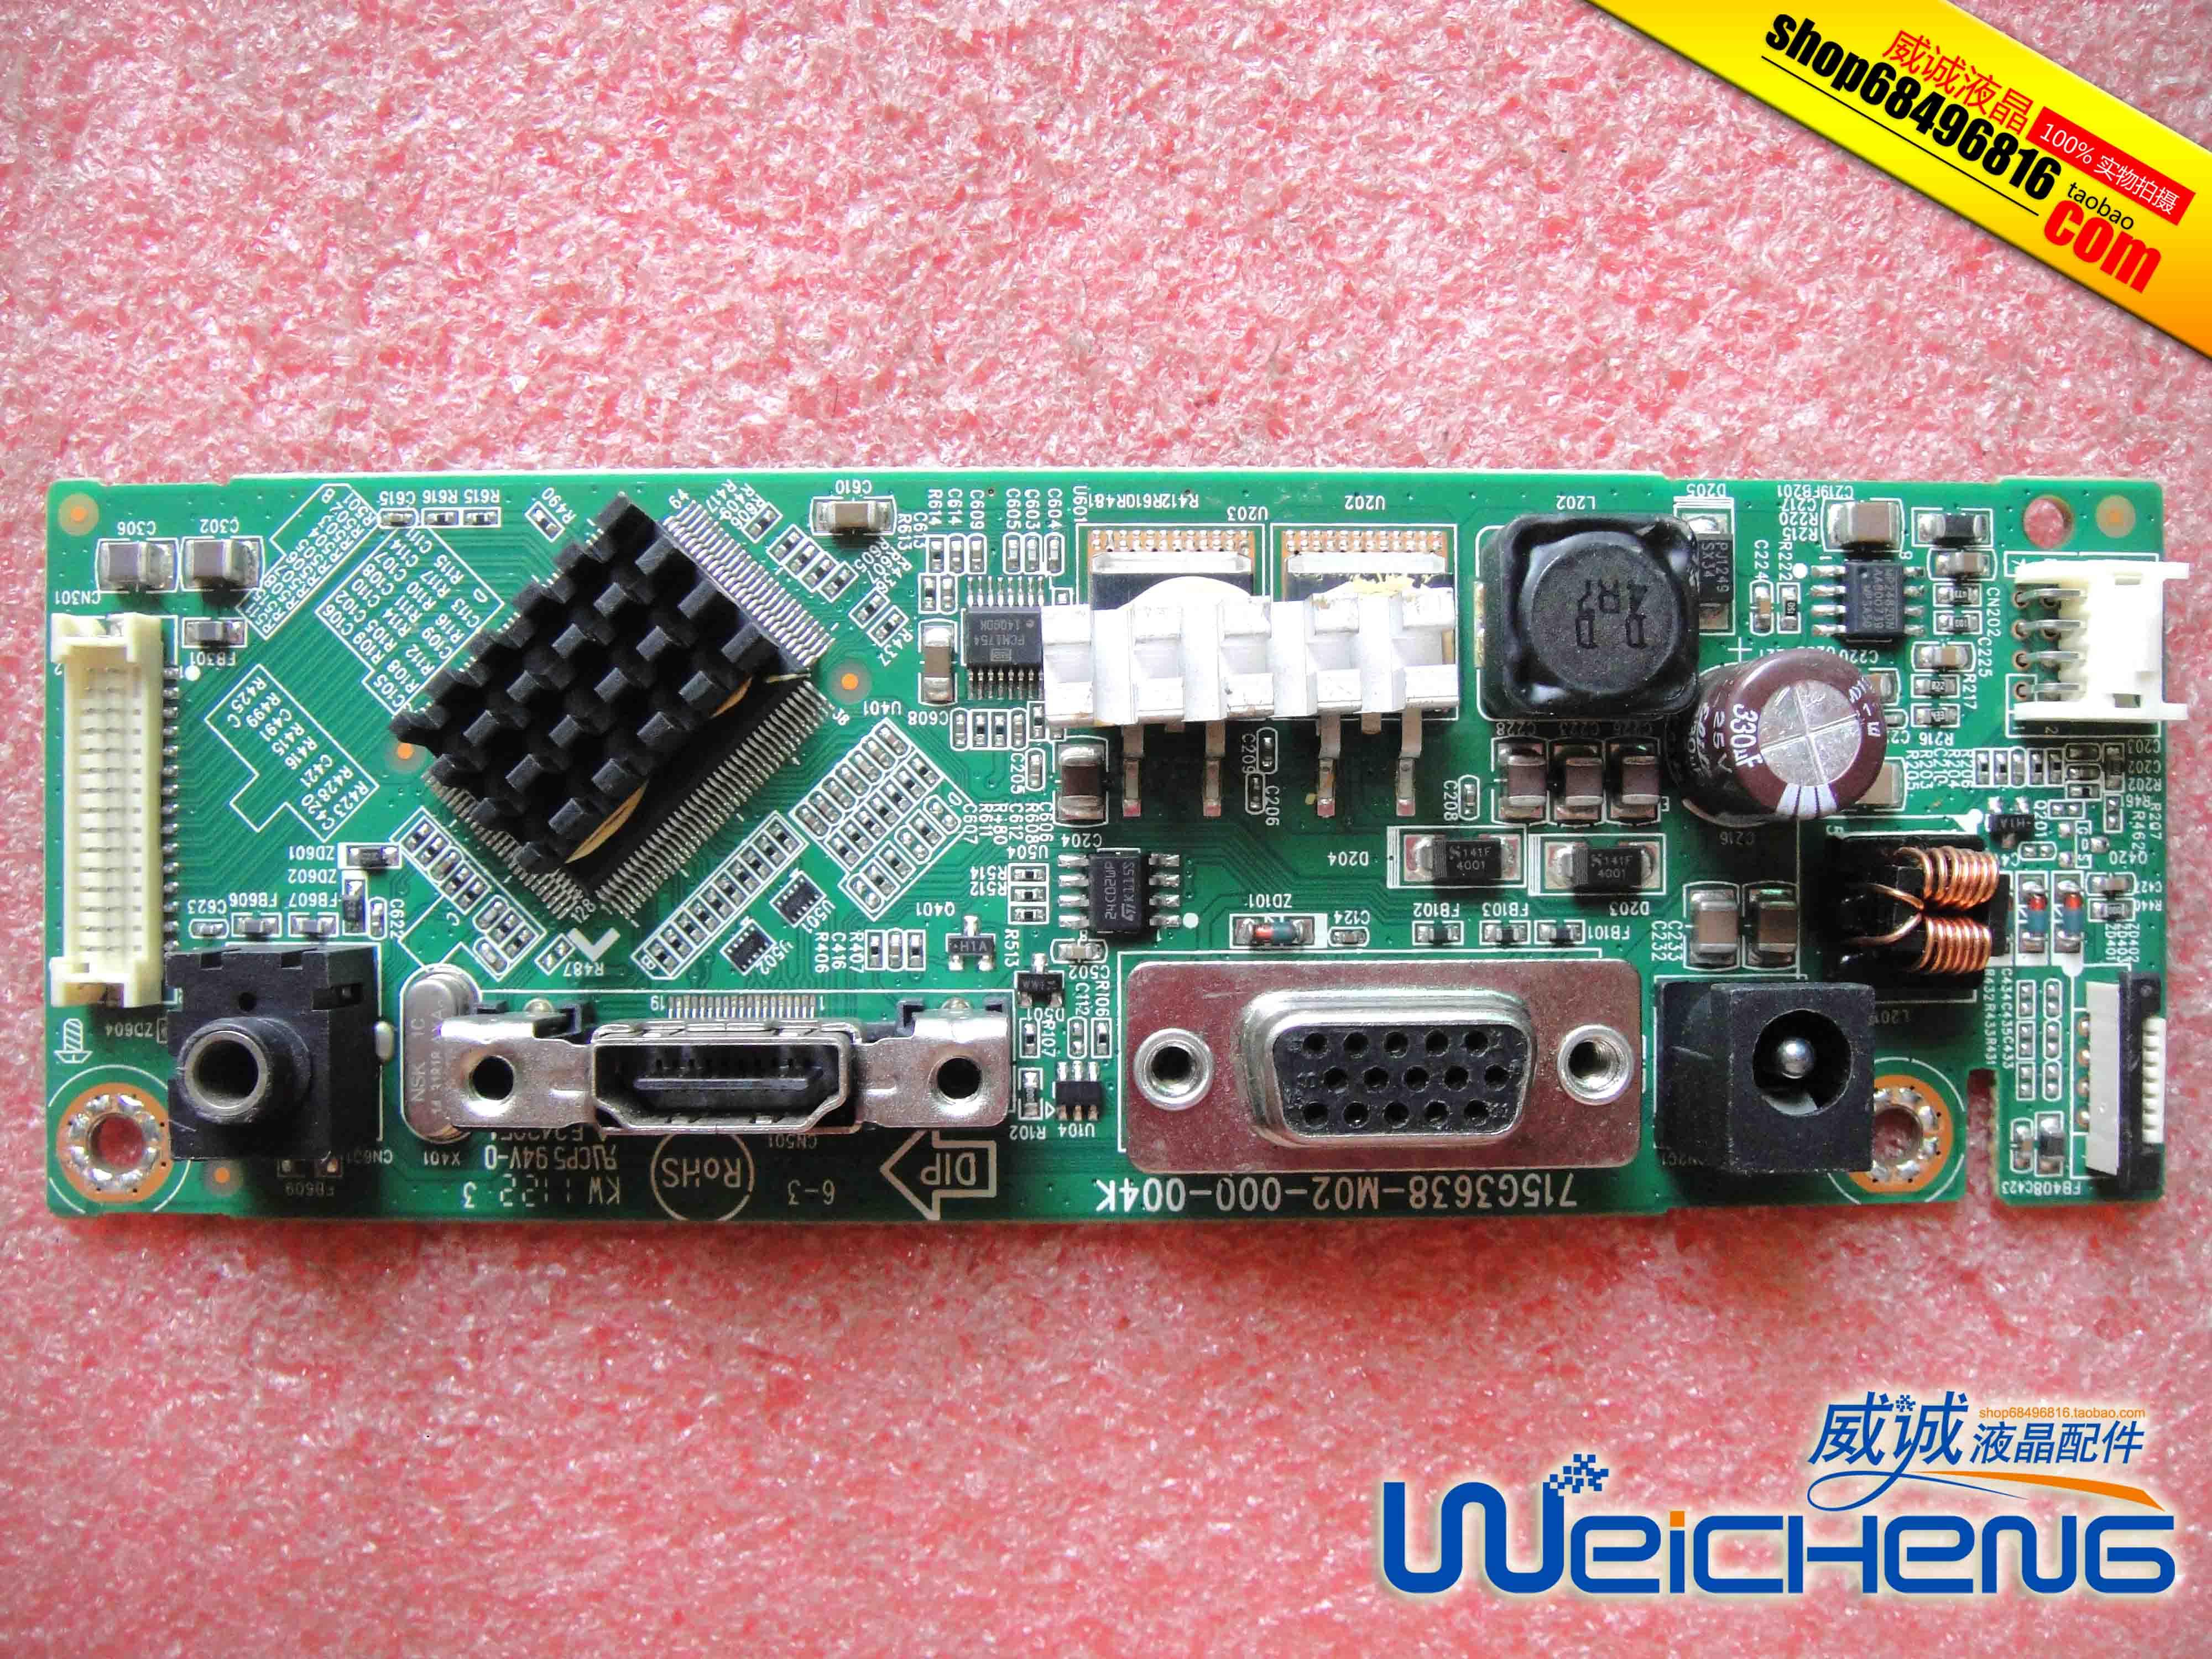 ML228H-A سائق مجلس 715G3638-M02-000-004K